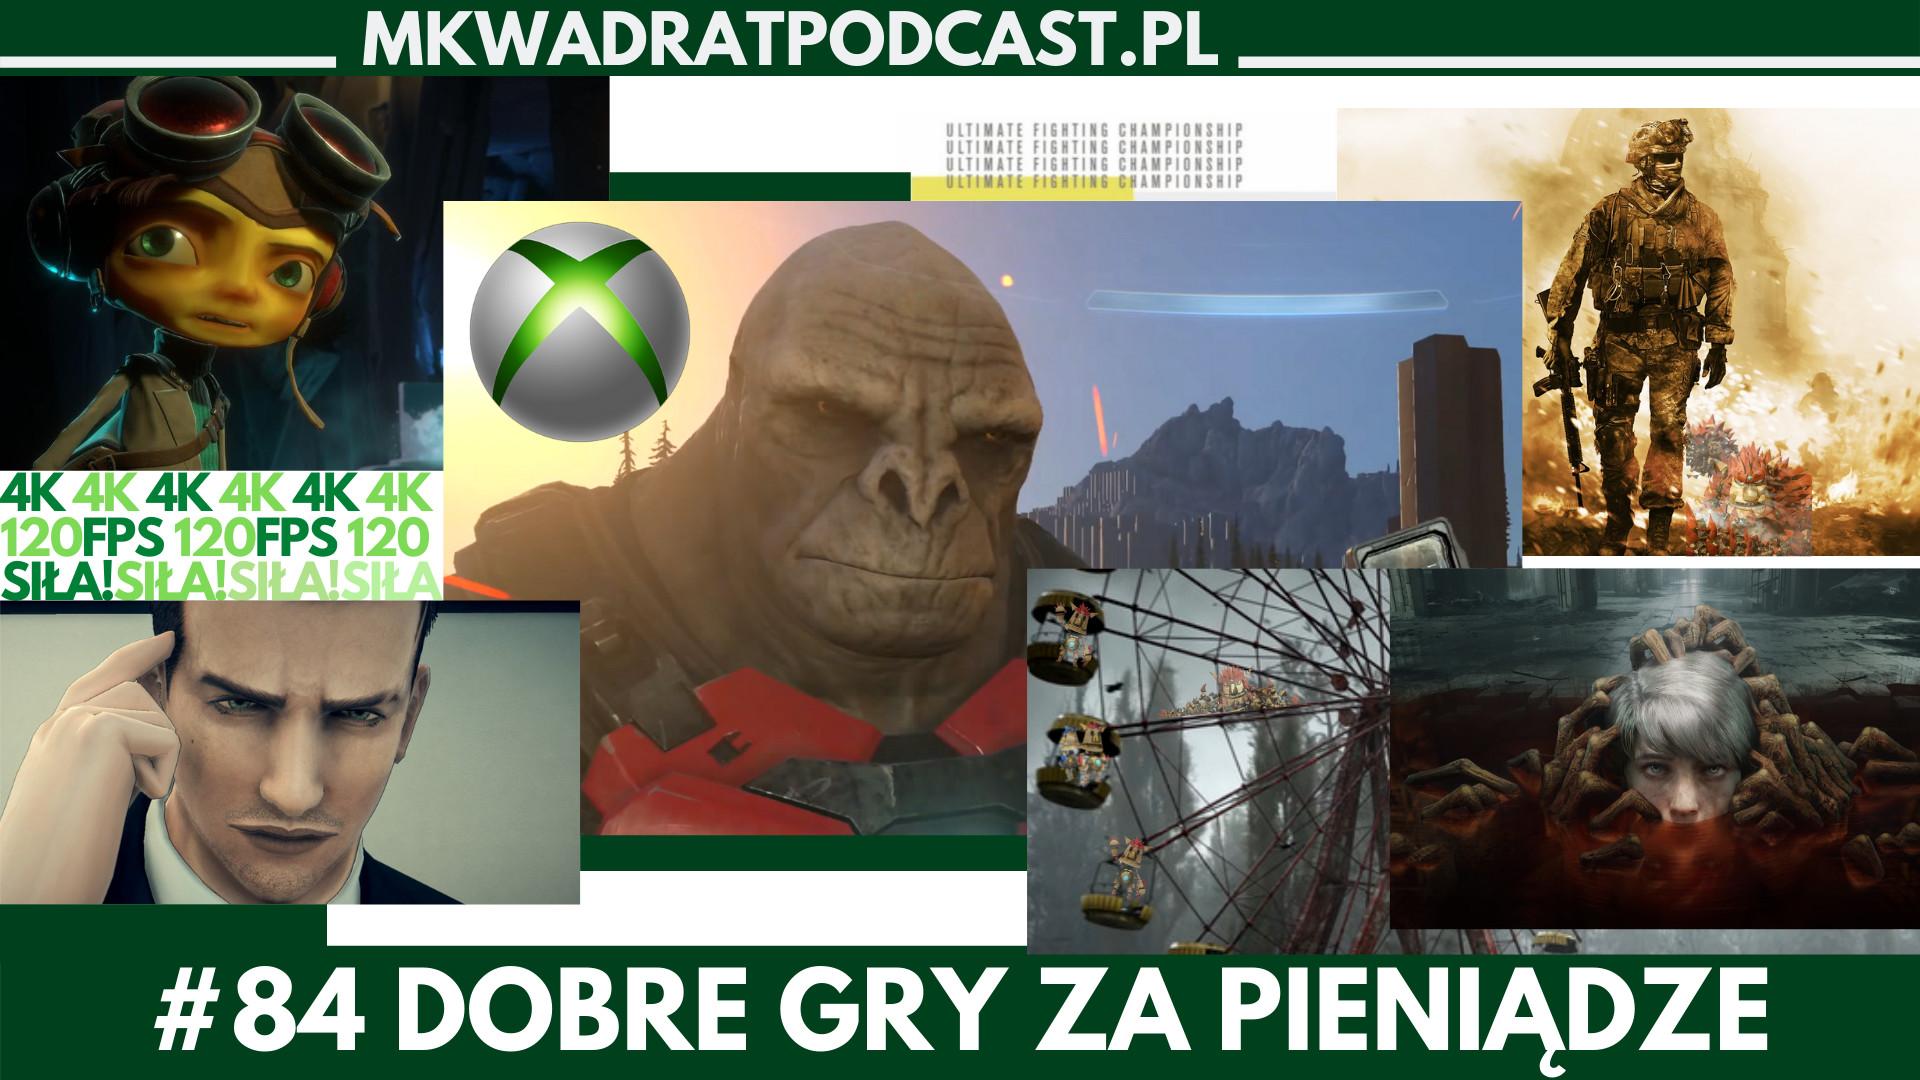 mkwadratpodcast.pl